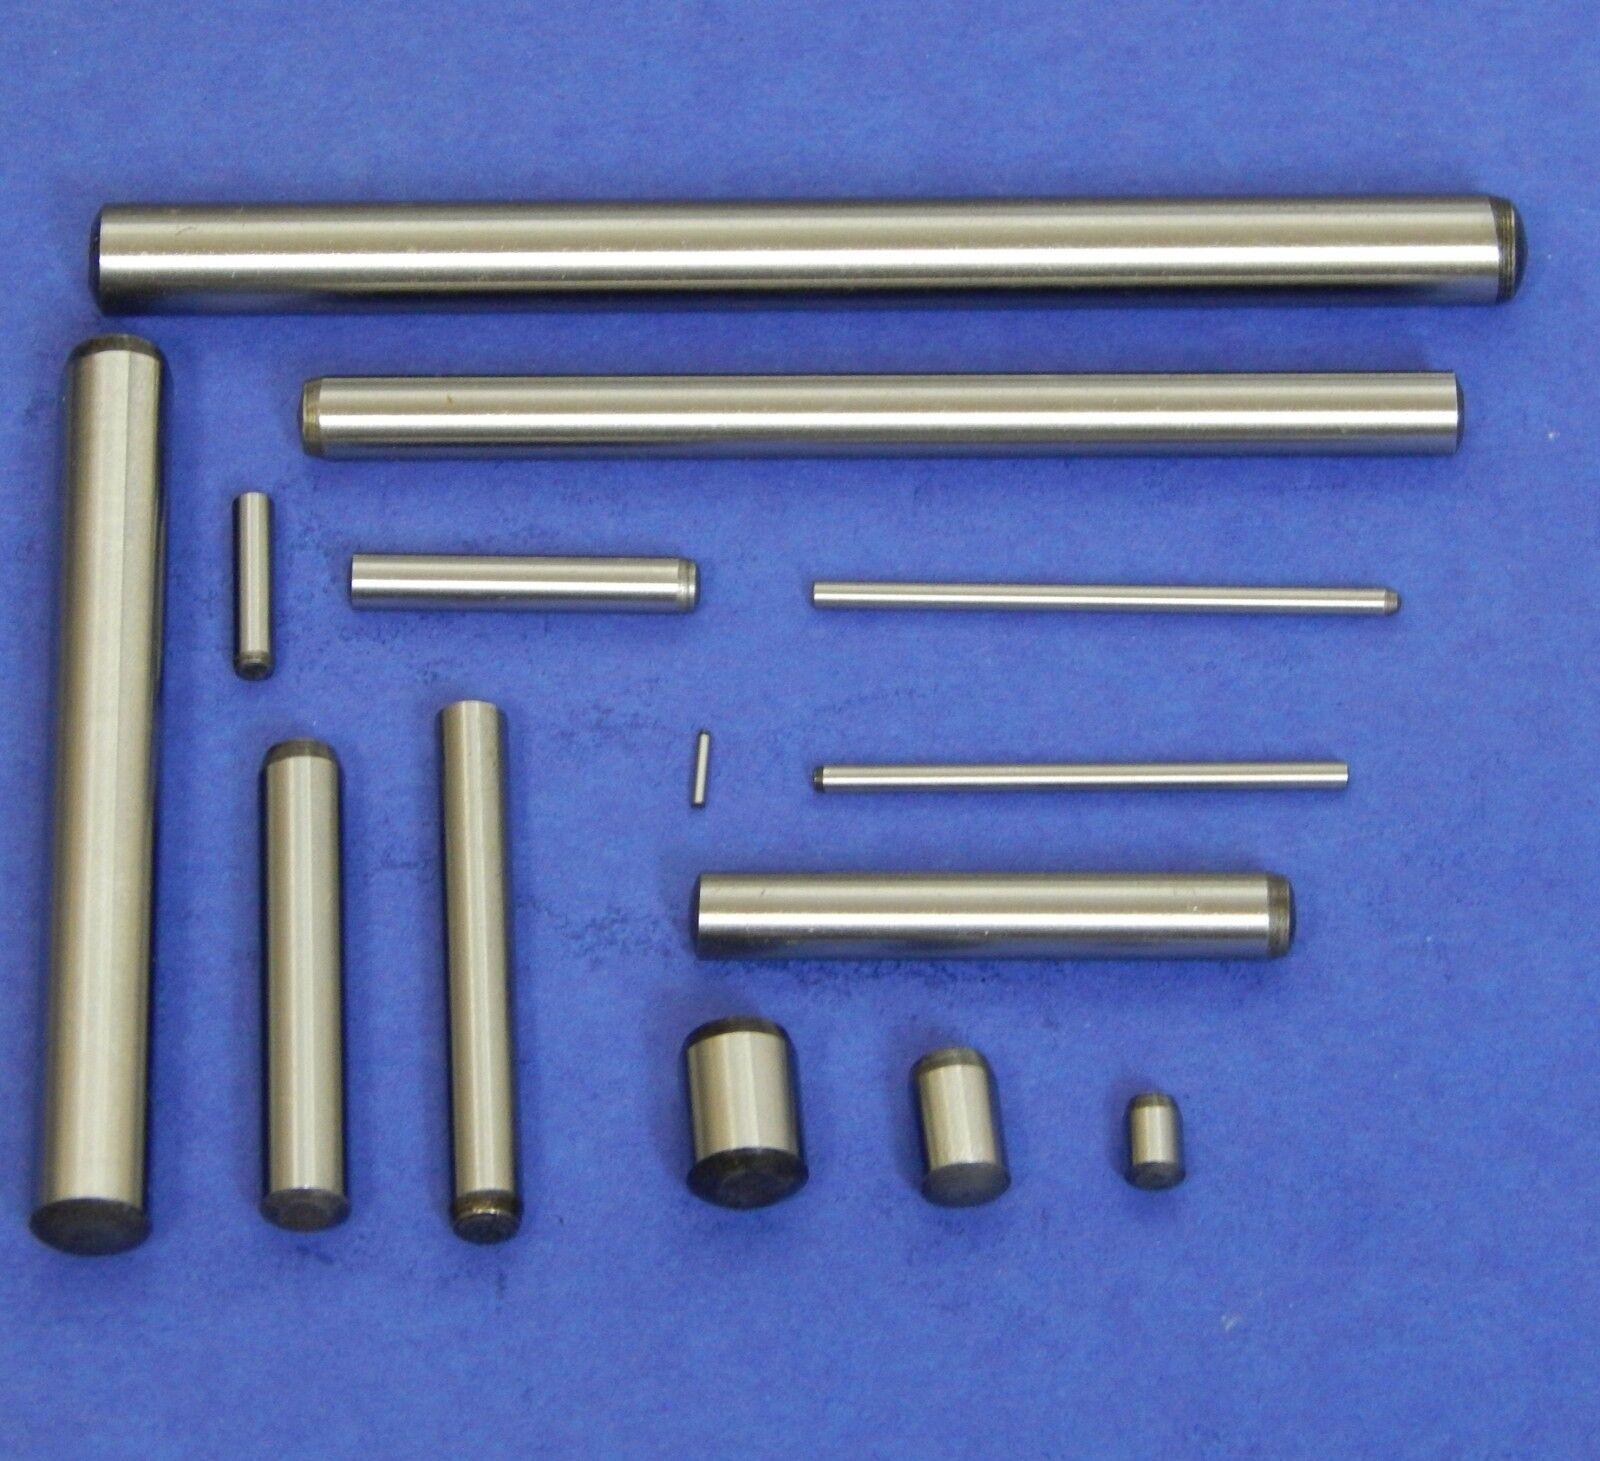 Zylinderstifte gehärtet 1 bis 8 mm DIN 6325 blank Zylinderstift, Paßstifte